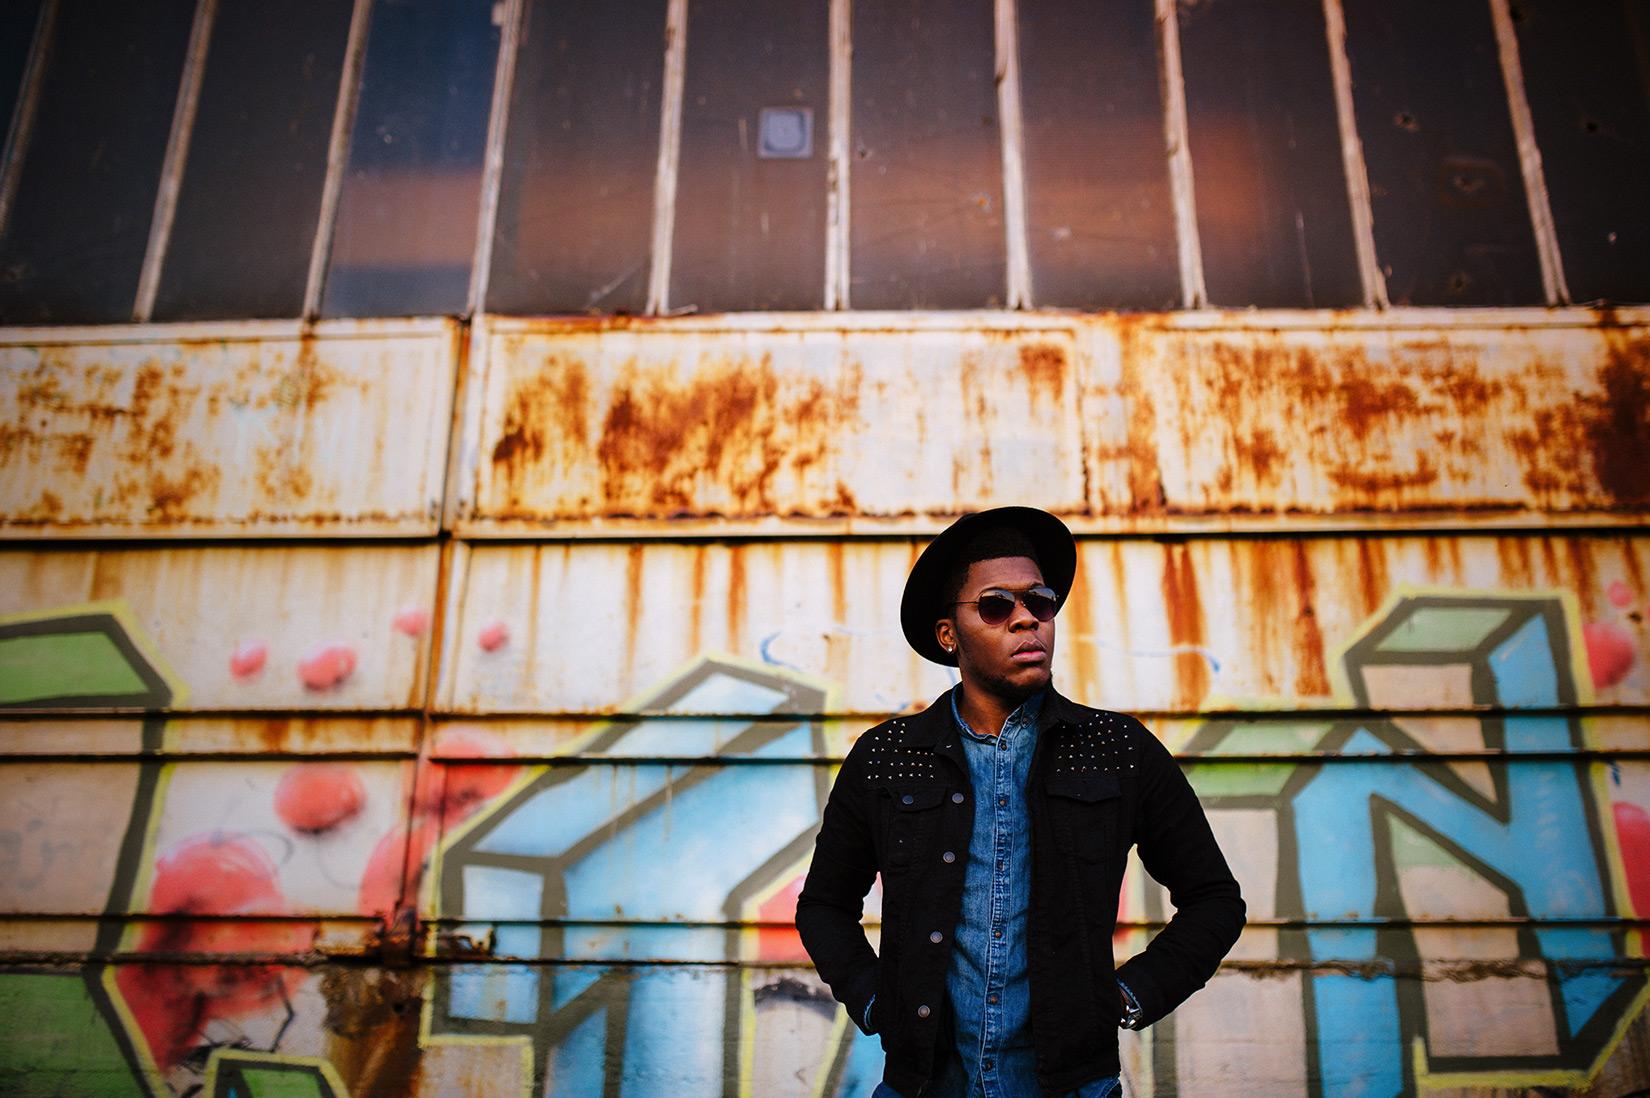 Billy im Hafen vor einem Graffiti